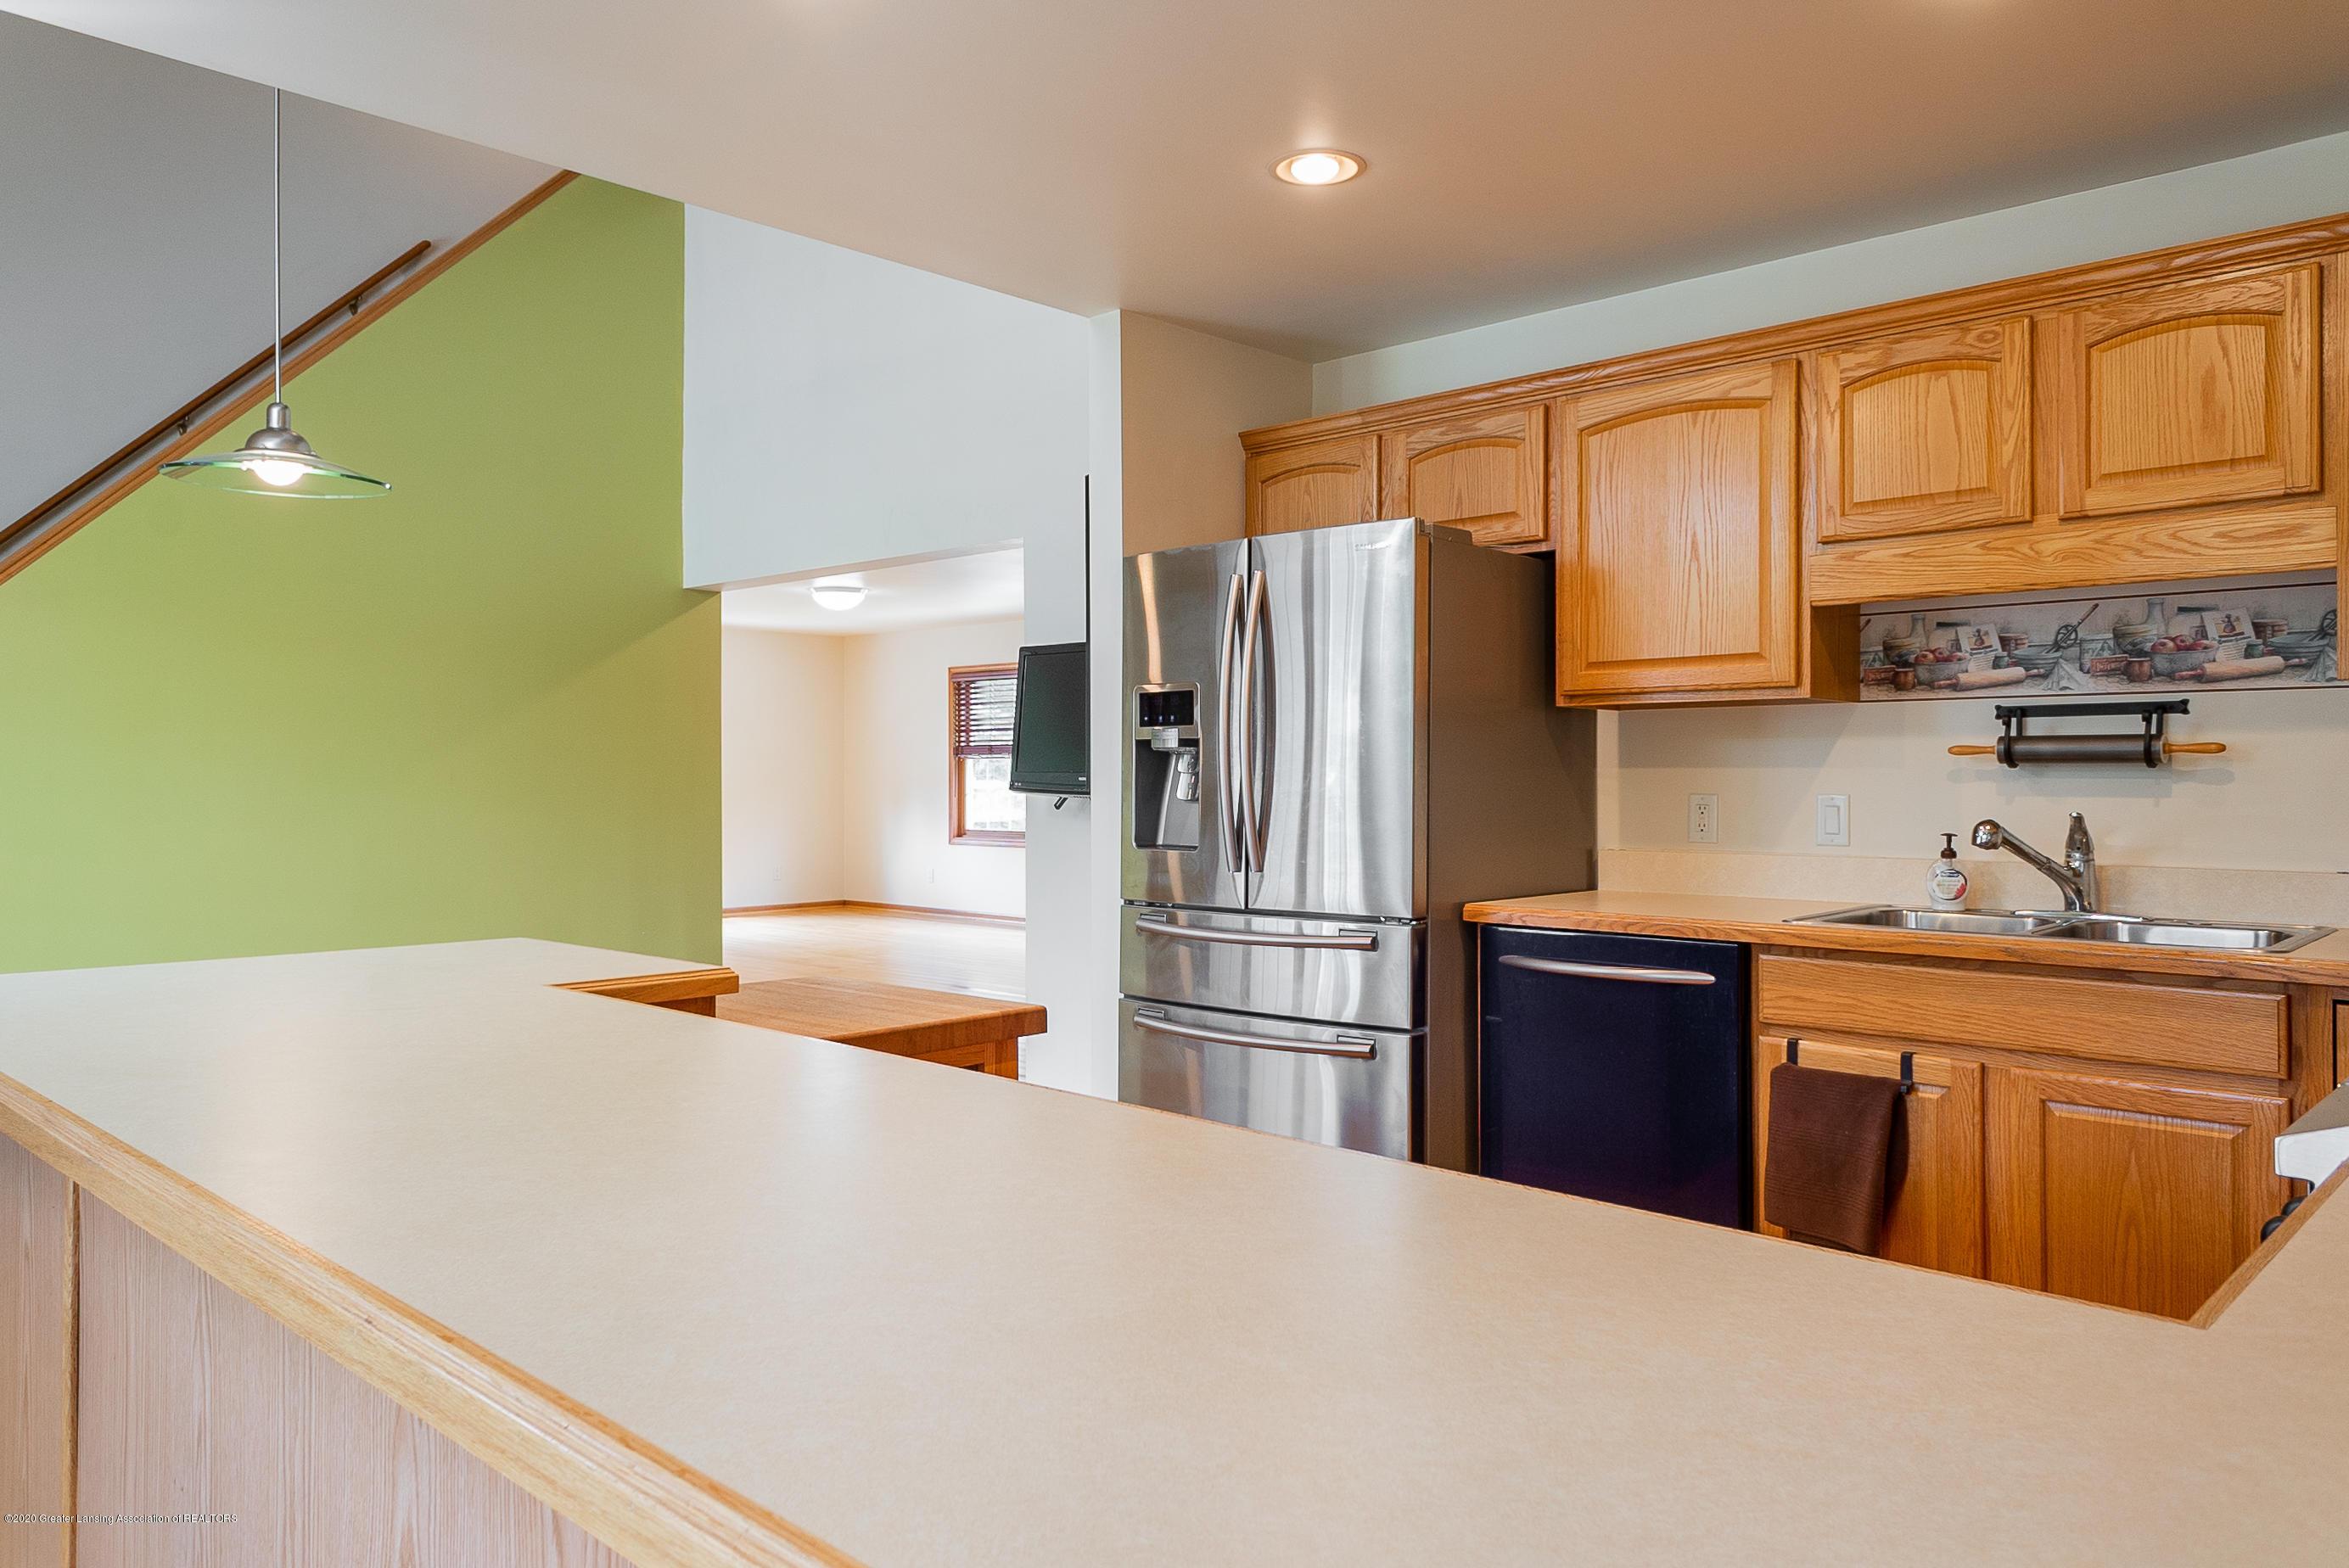 7337 Howe Rd - kitchen4 - 16